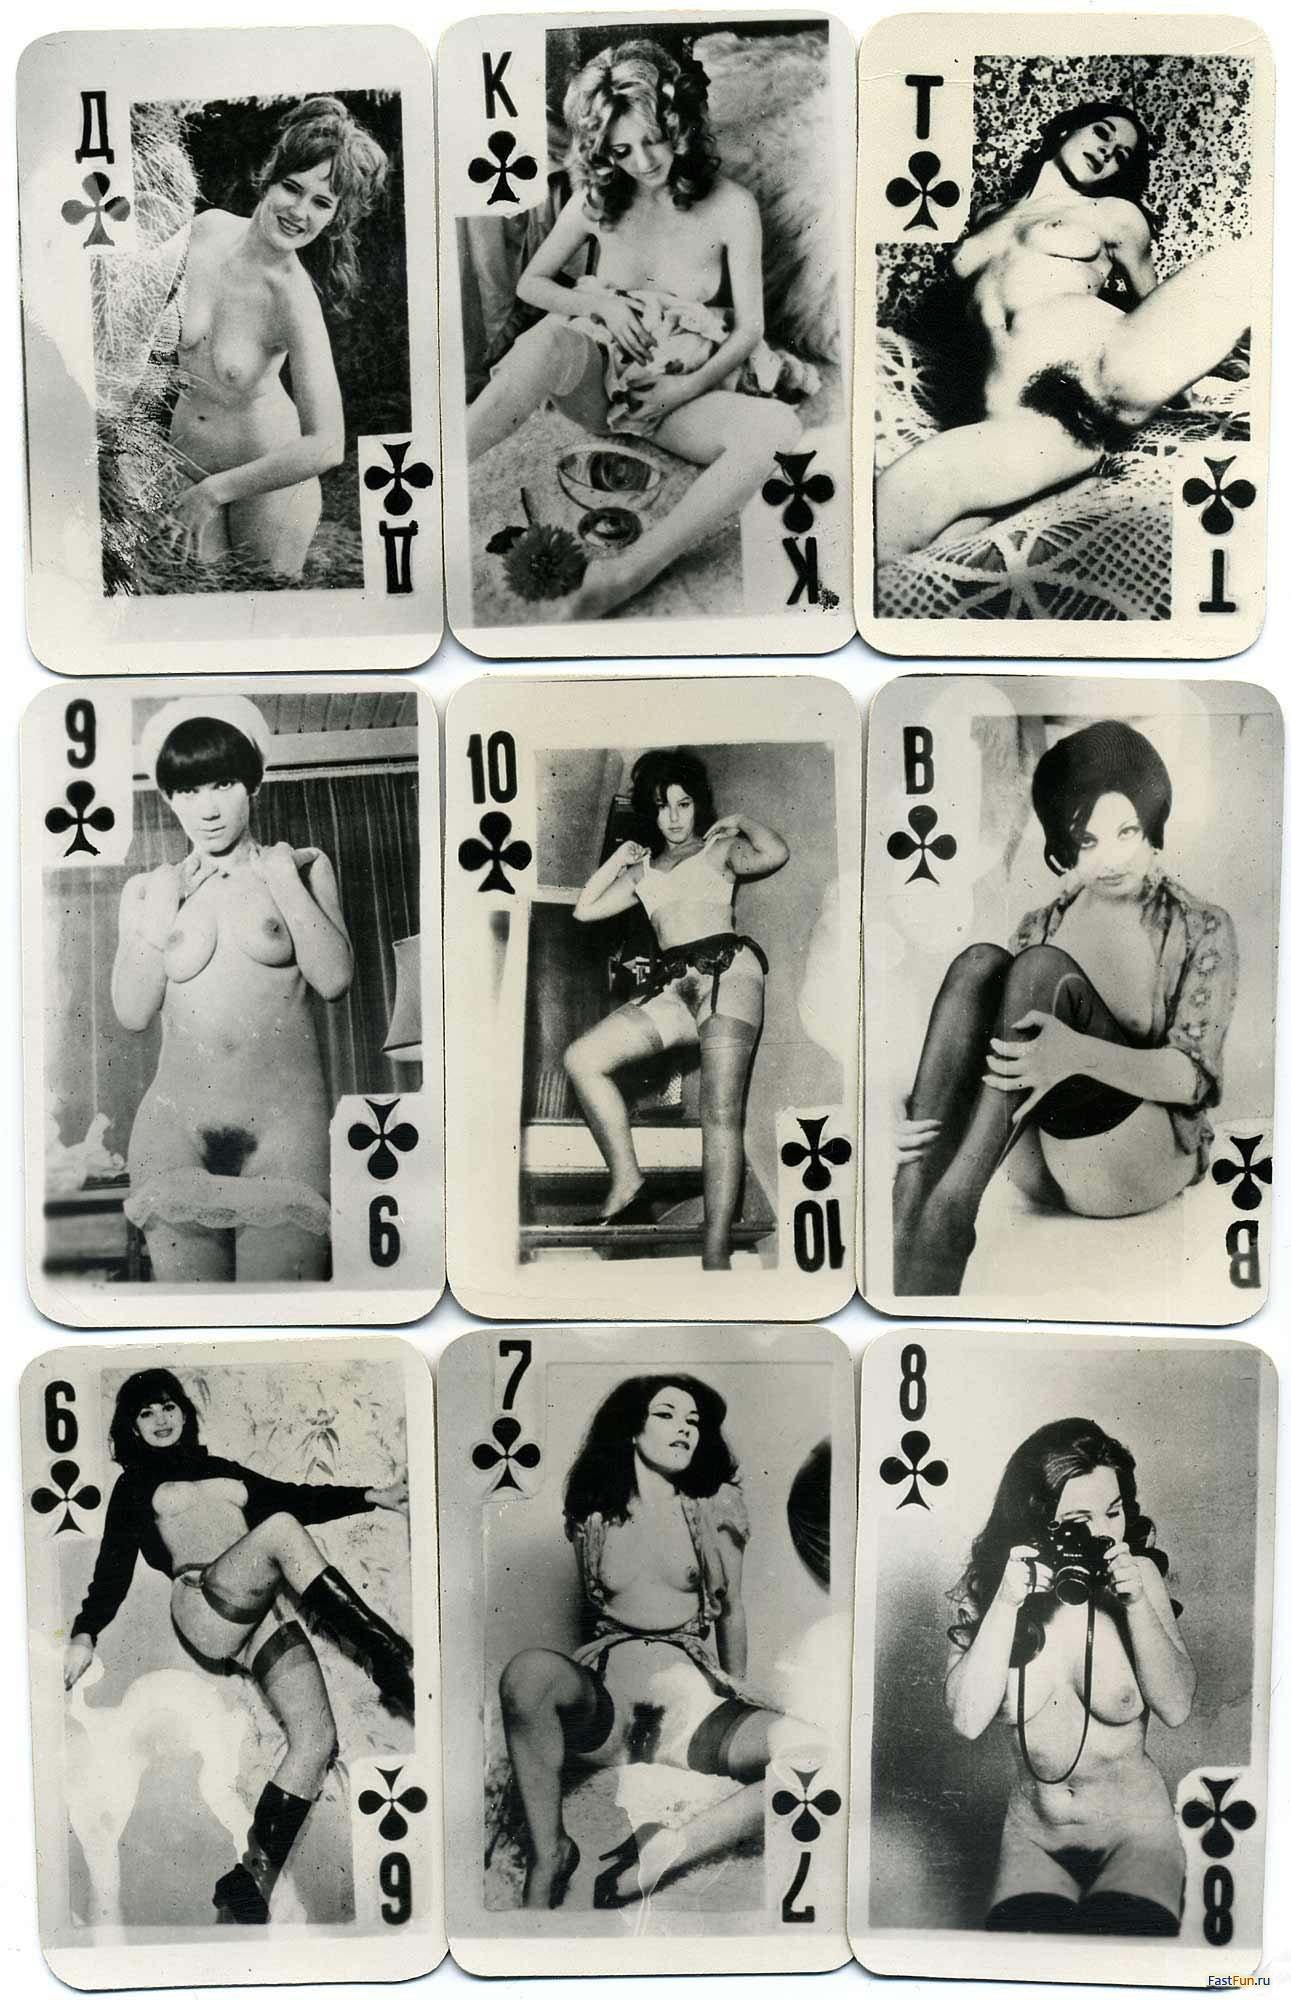 Эротические игральные карты советских времен 3 фотография